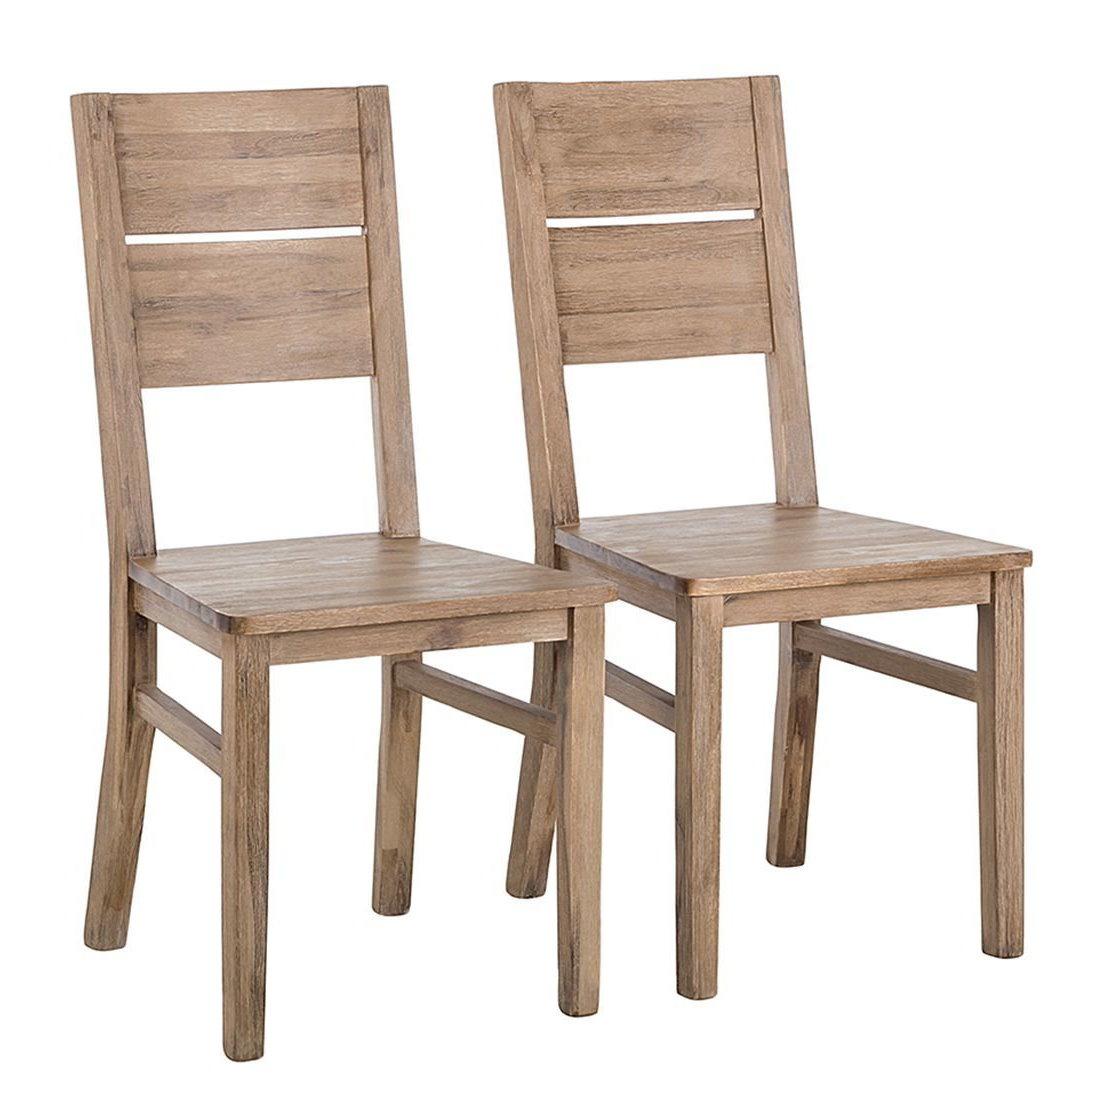 2x Esszimmerstuhl Akazie massiv Esszimmer Küchen Holz Stuhl Stühle ...